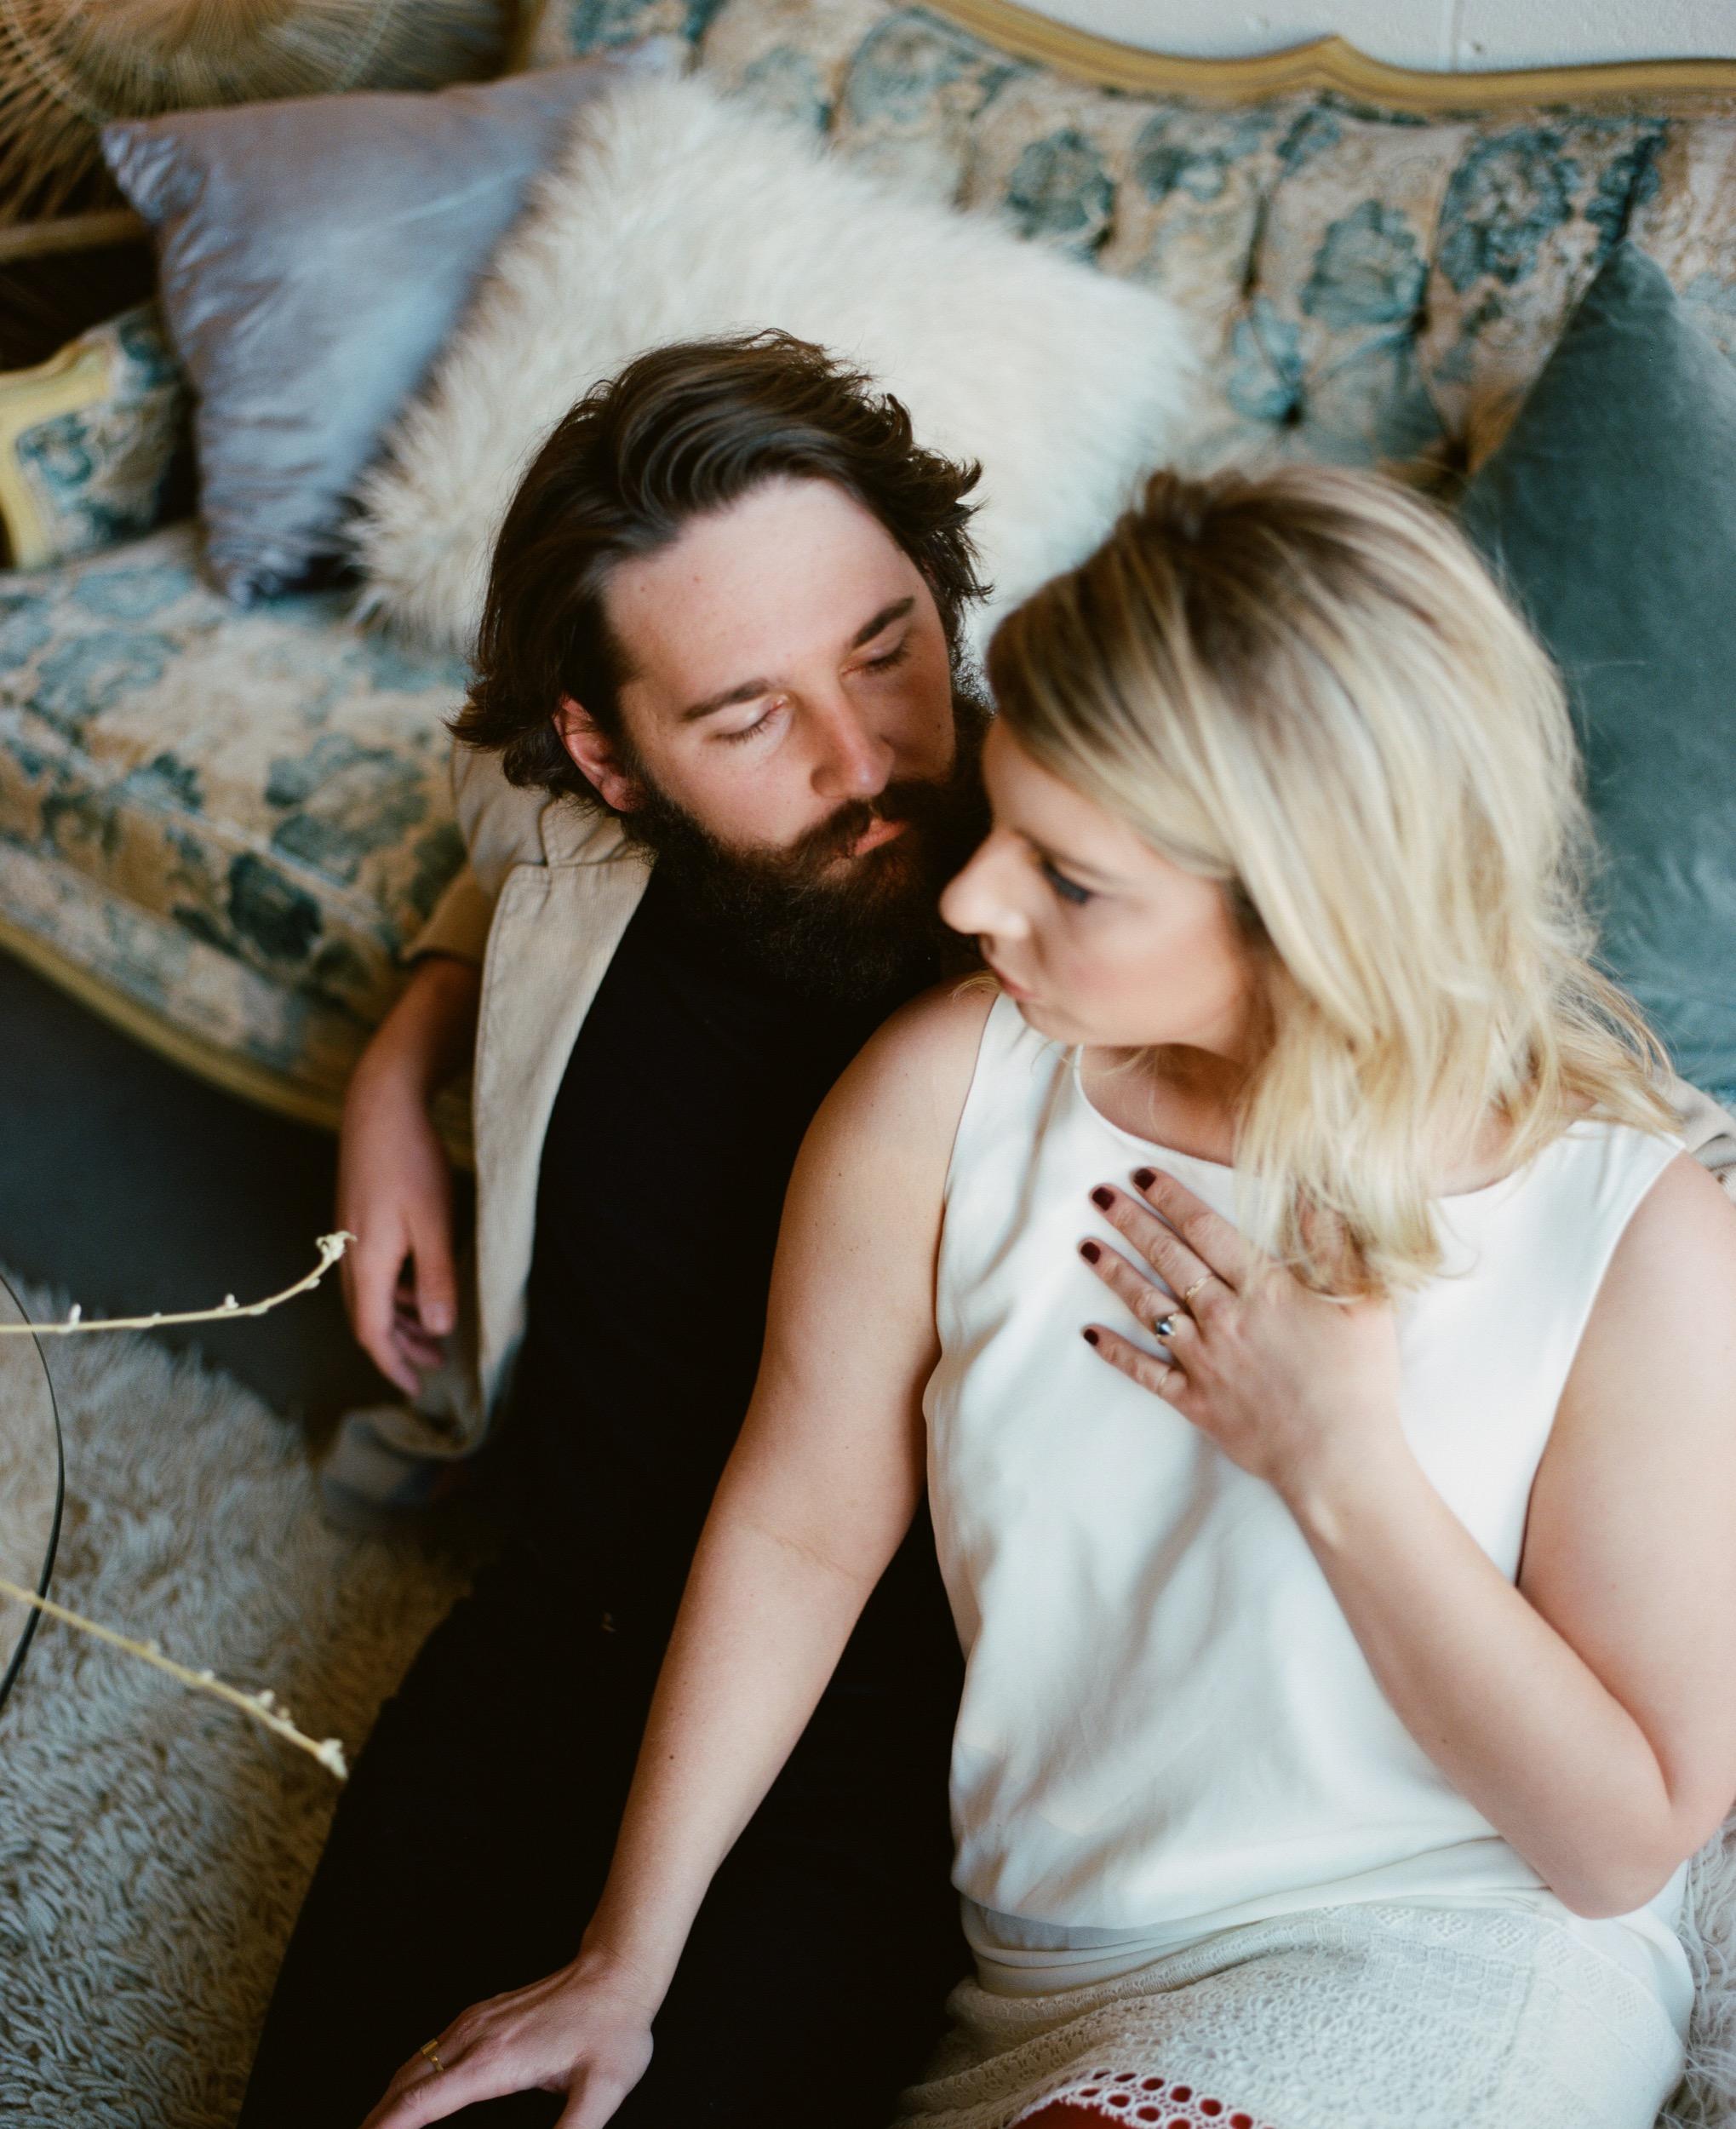 Josh&Becca-1010.2.jpg